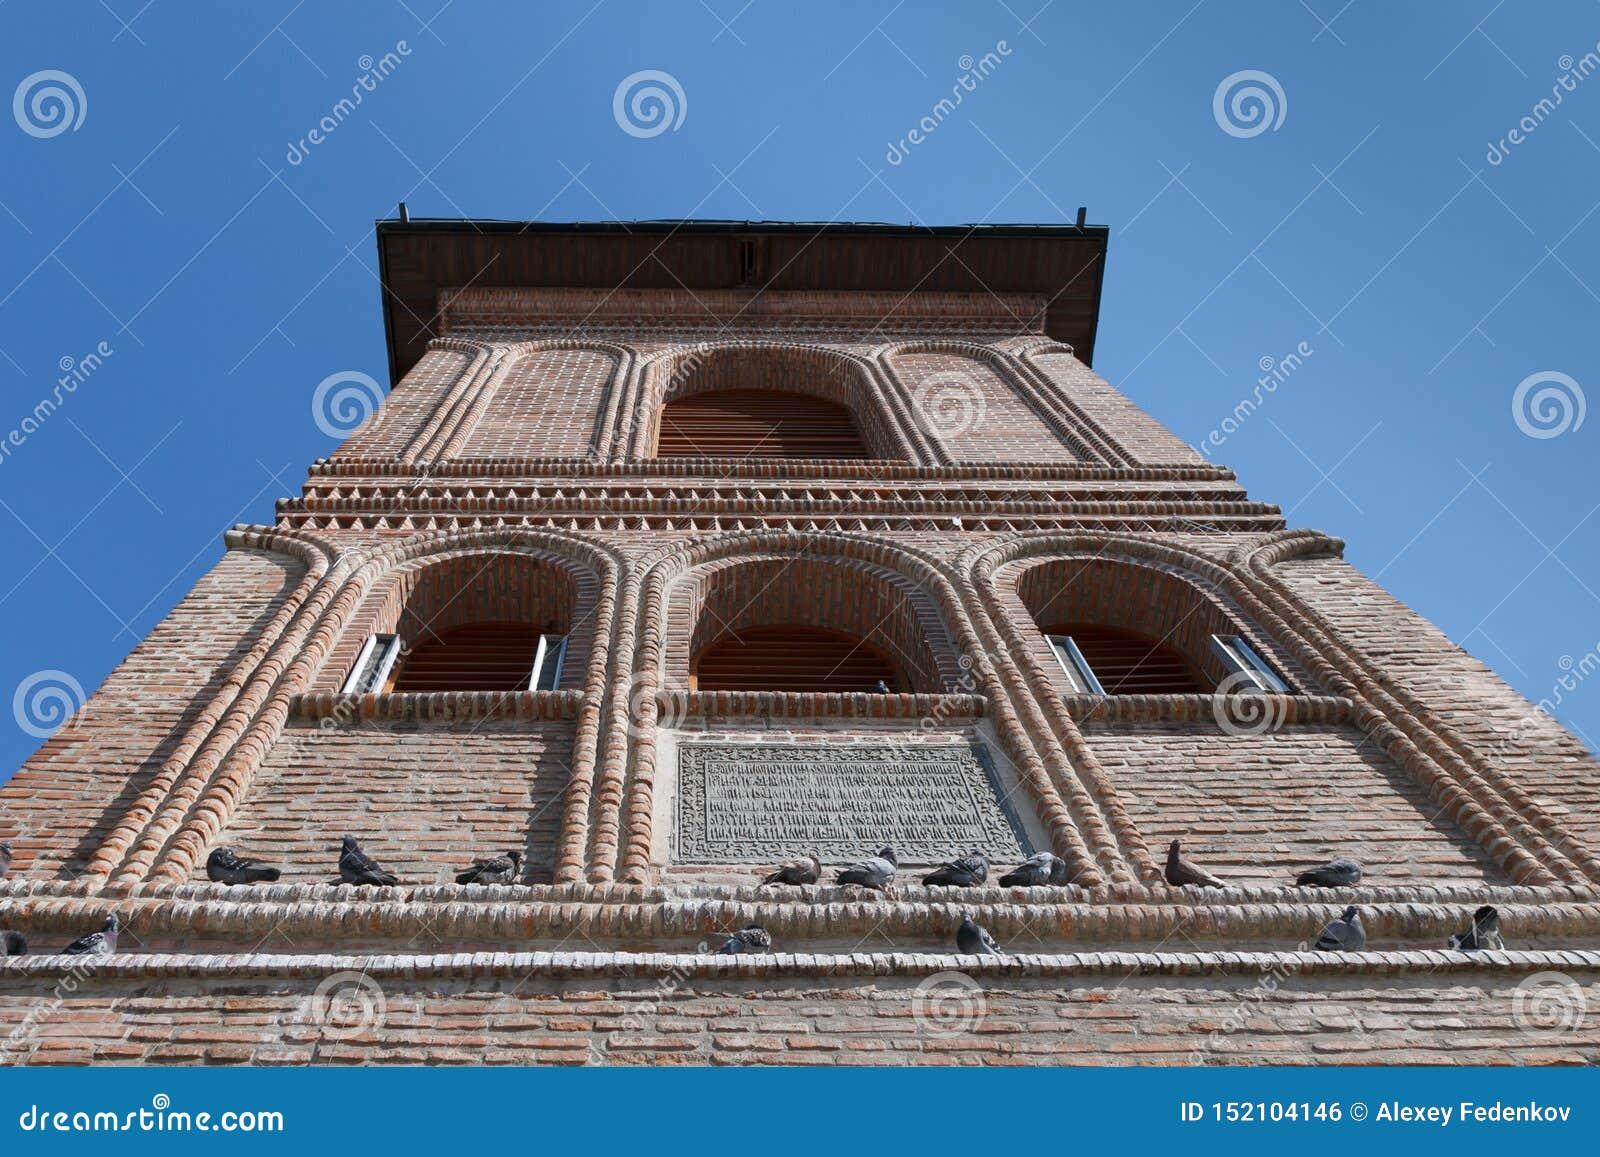 Верхняя часть старого фасада кирпича колокольни с сидя голубями Столичный холм, Бухарест, Румыния